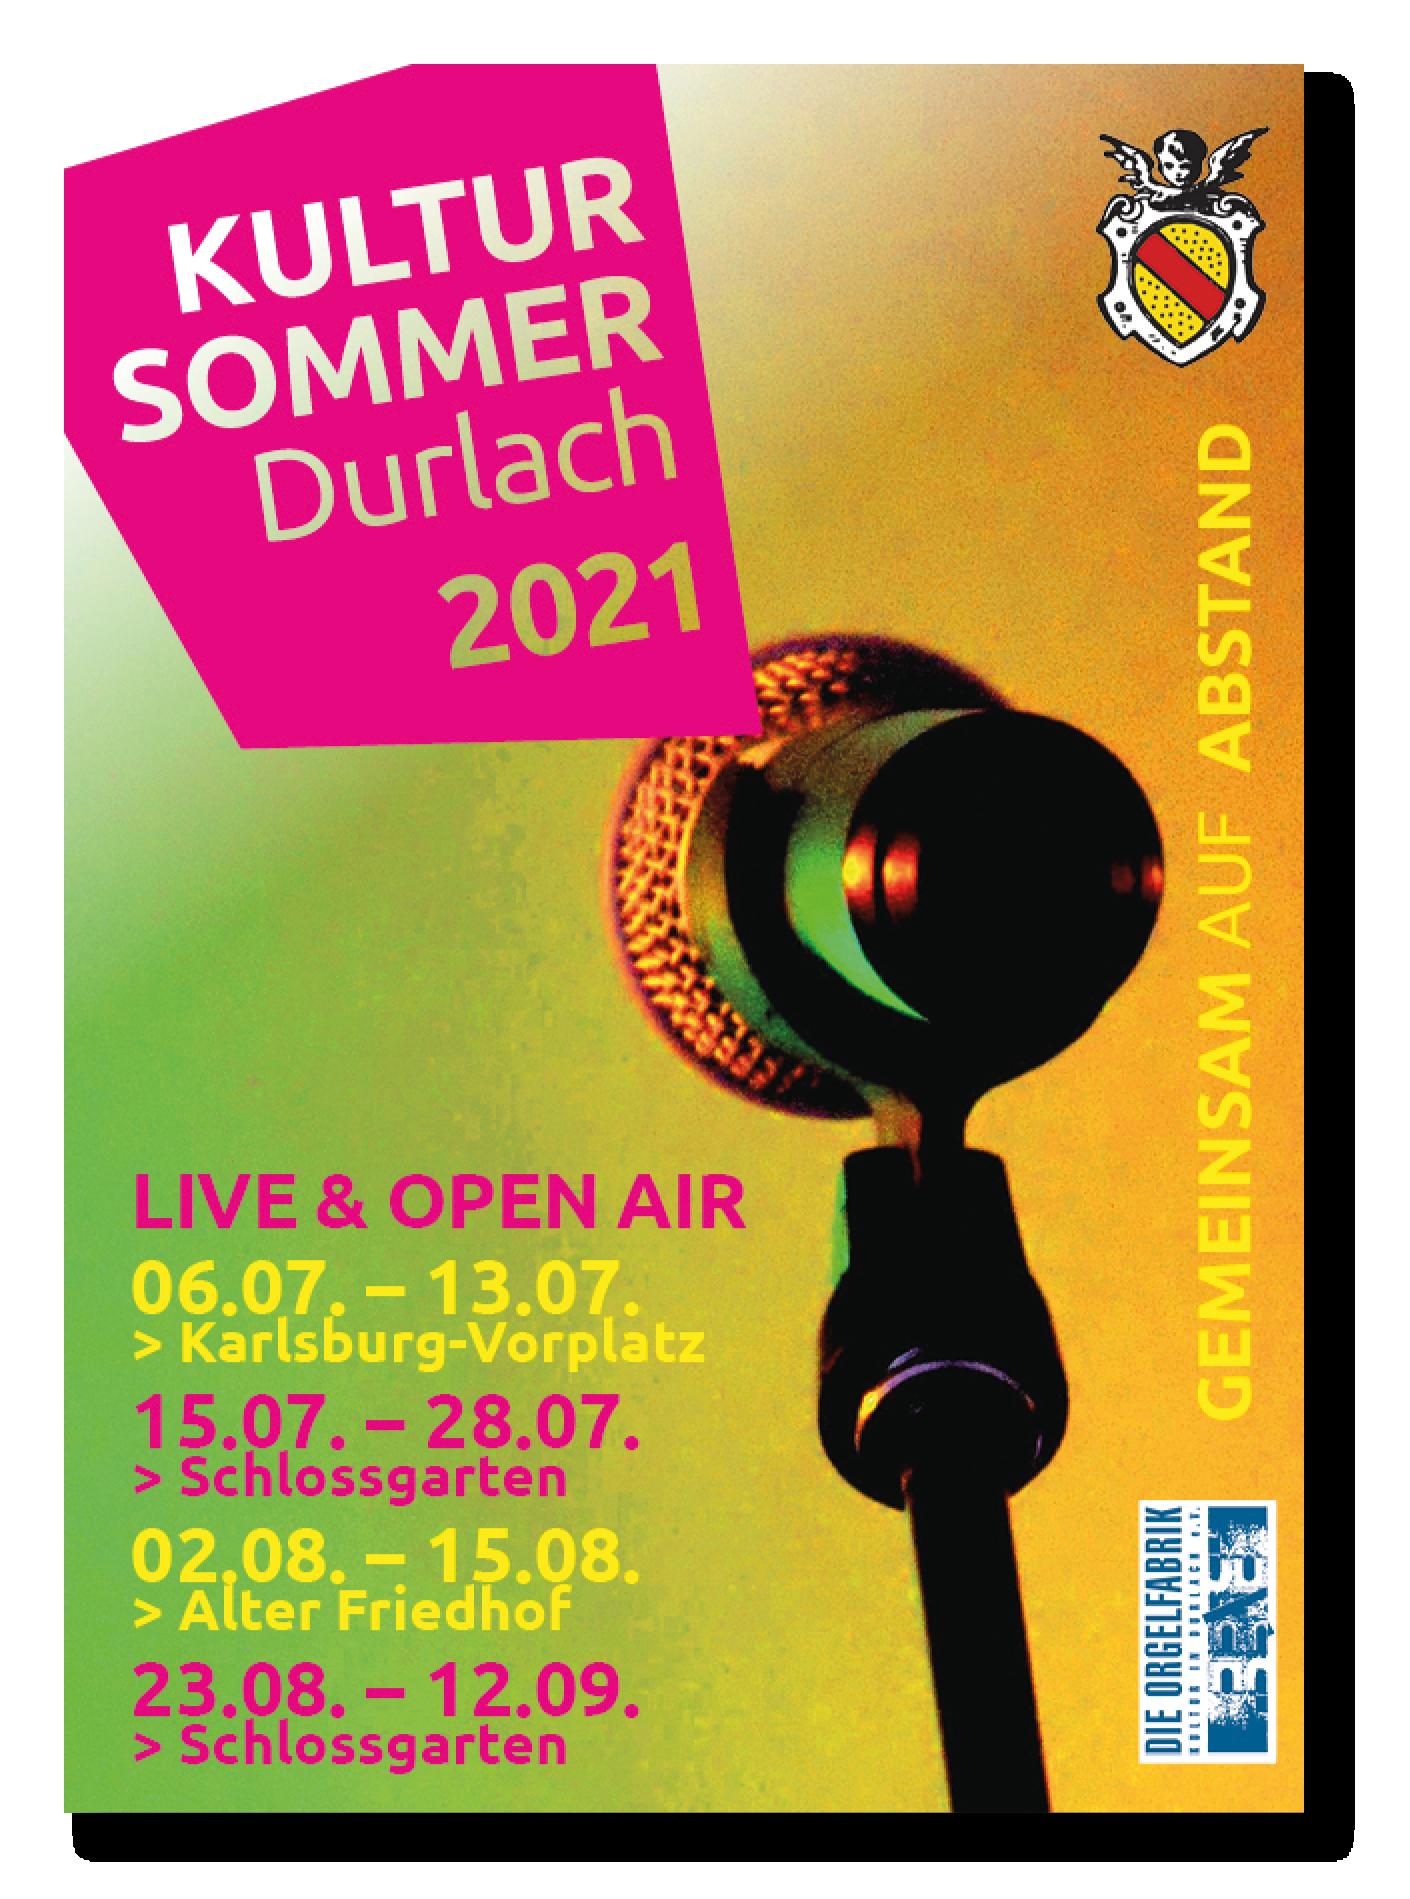 Programm Kultursommer Durlach 2021